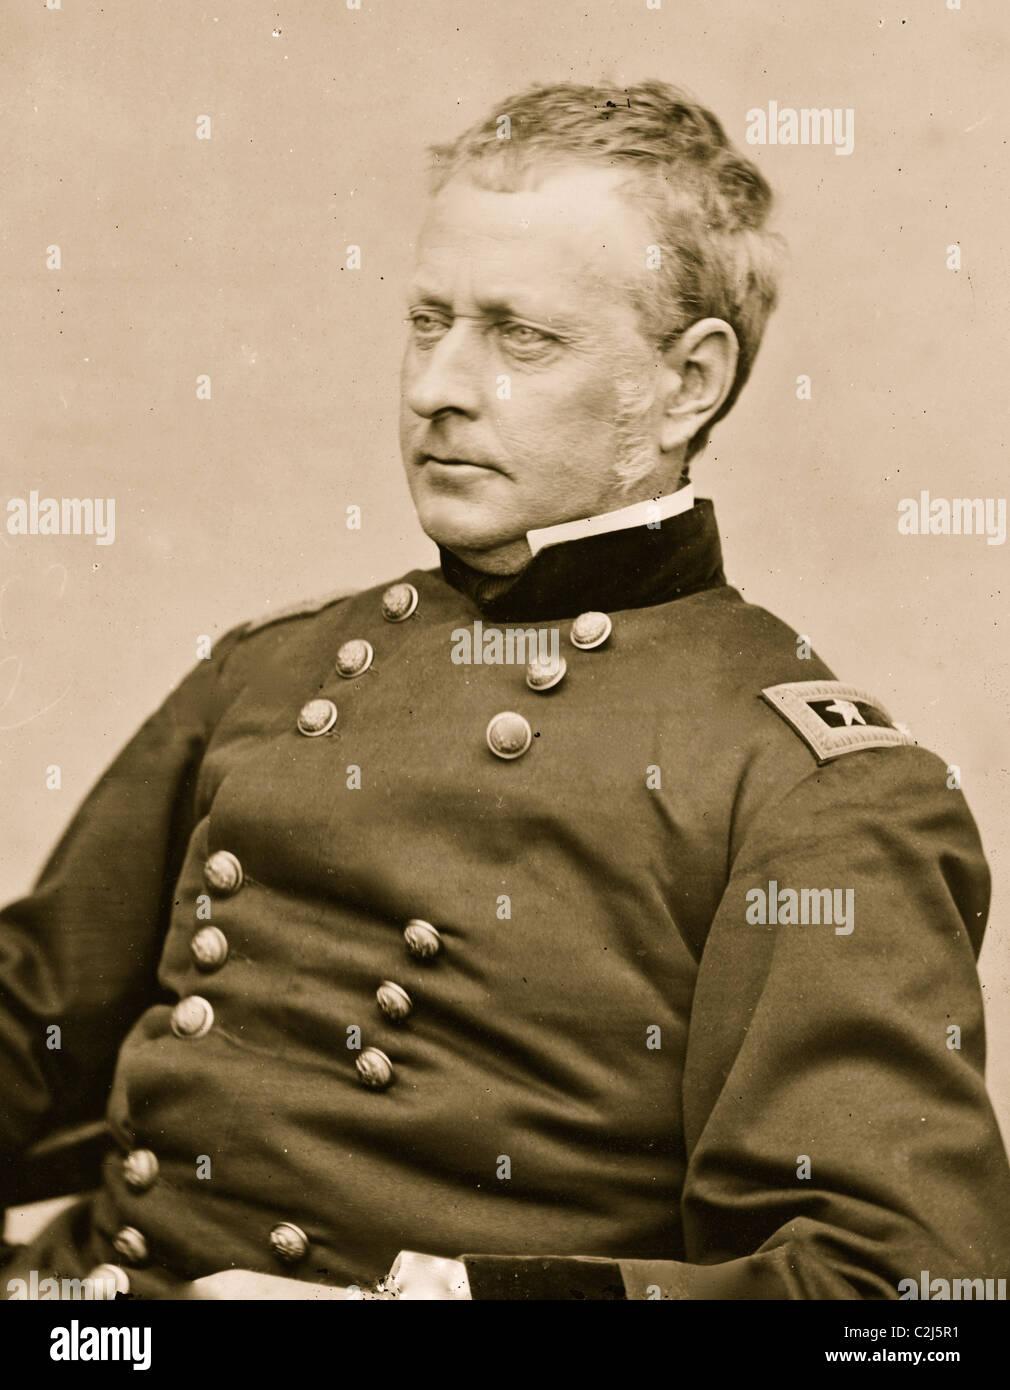 Portrait of Union General 'Fighting Joe Hooker' - Stock Image